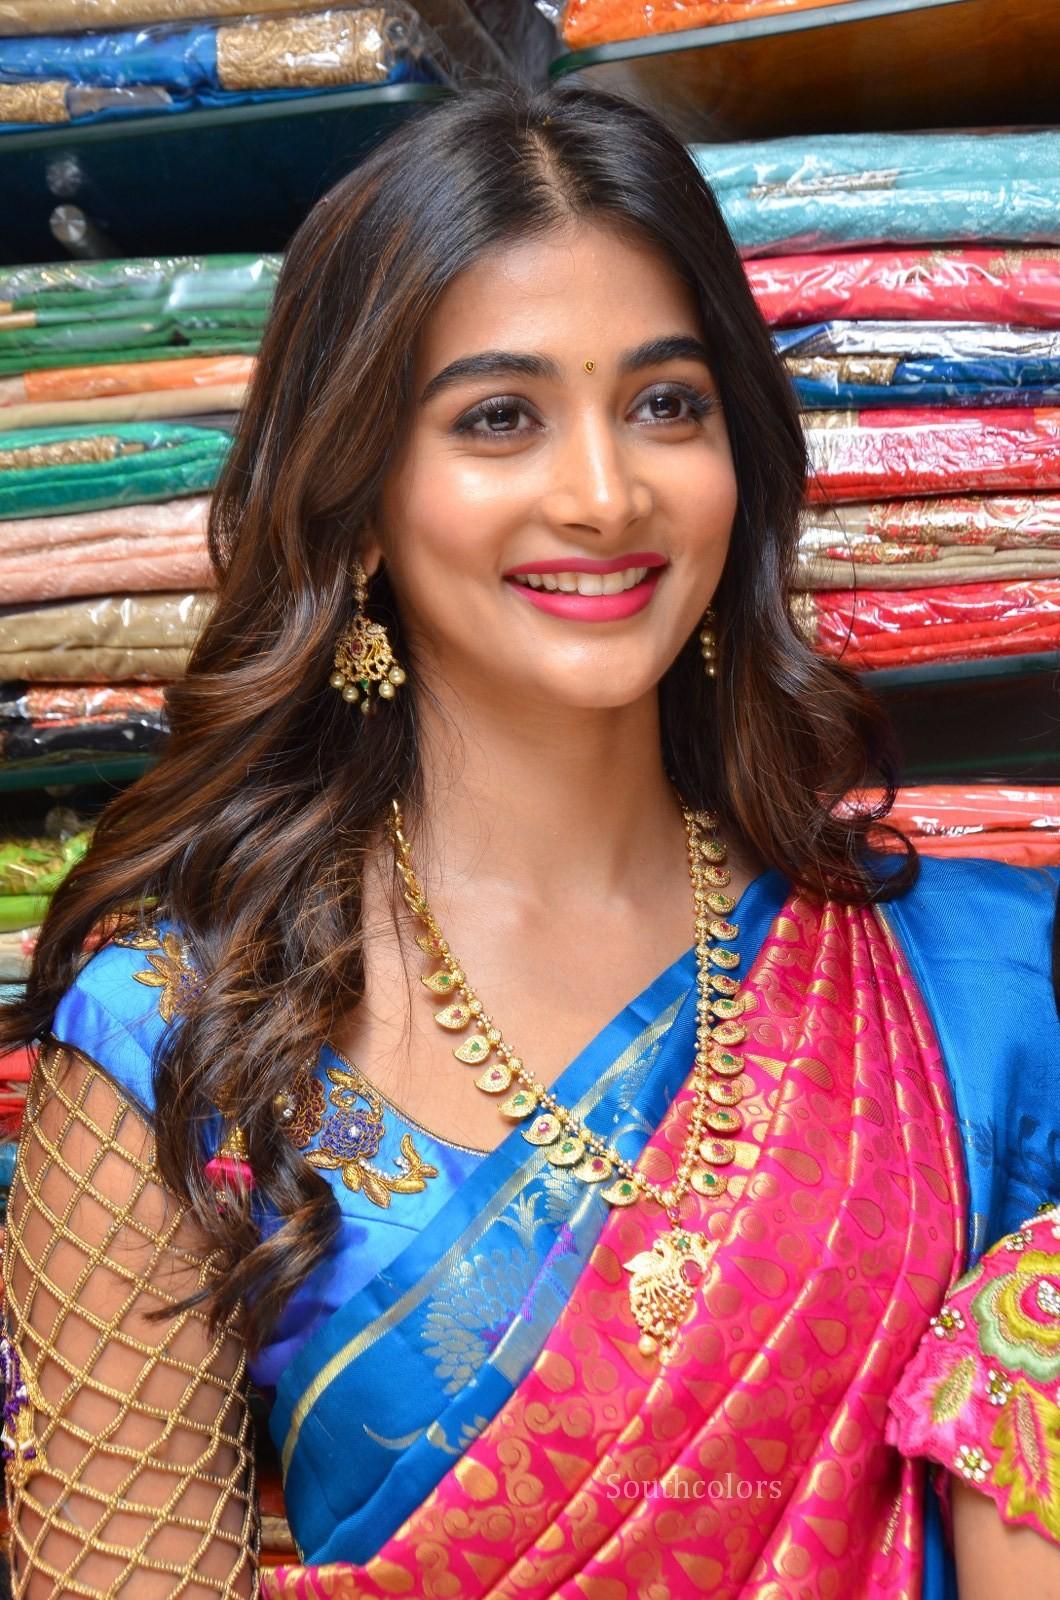 pooja hegde traditional saree photos southcolors 24